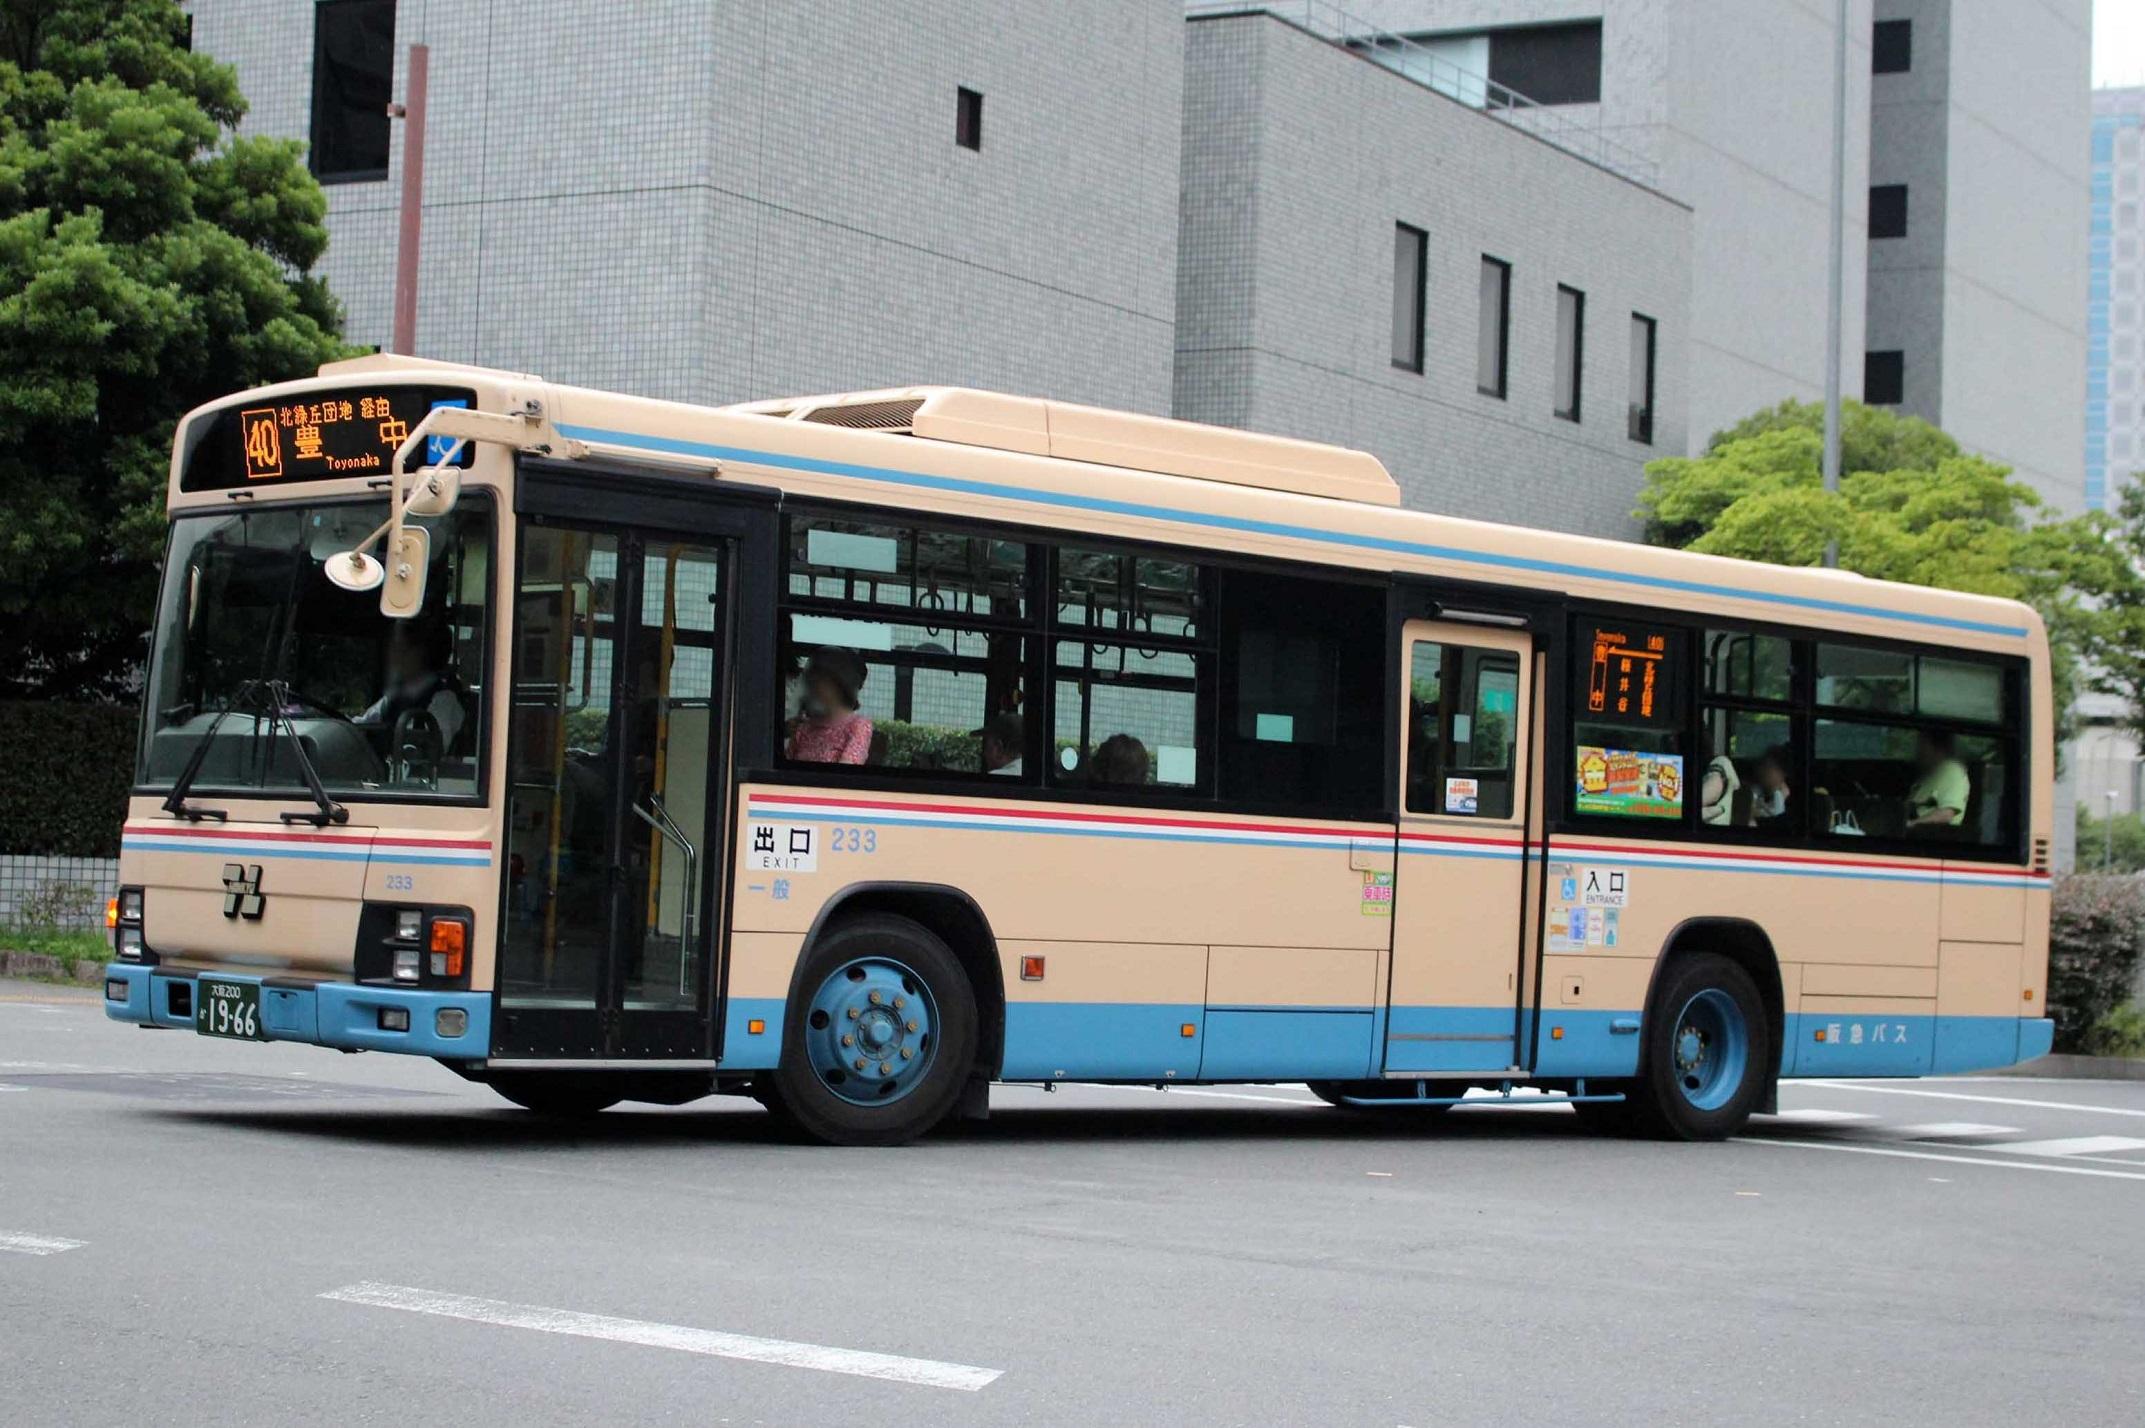 阪急バス 233